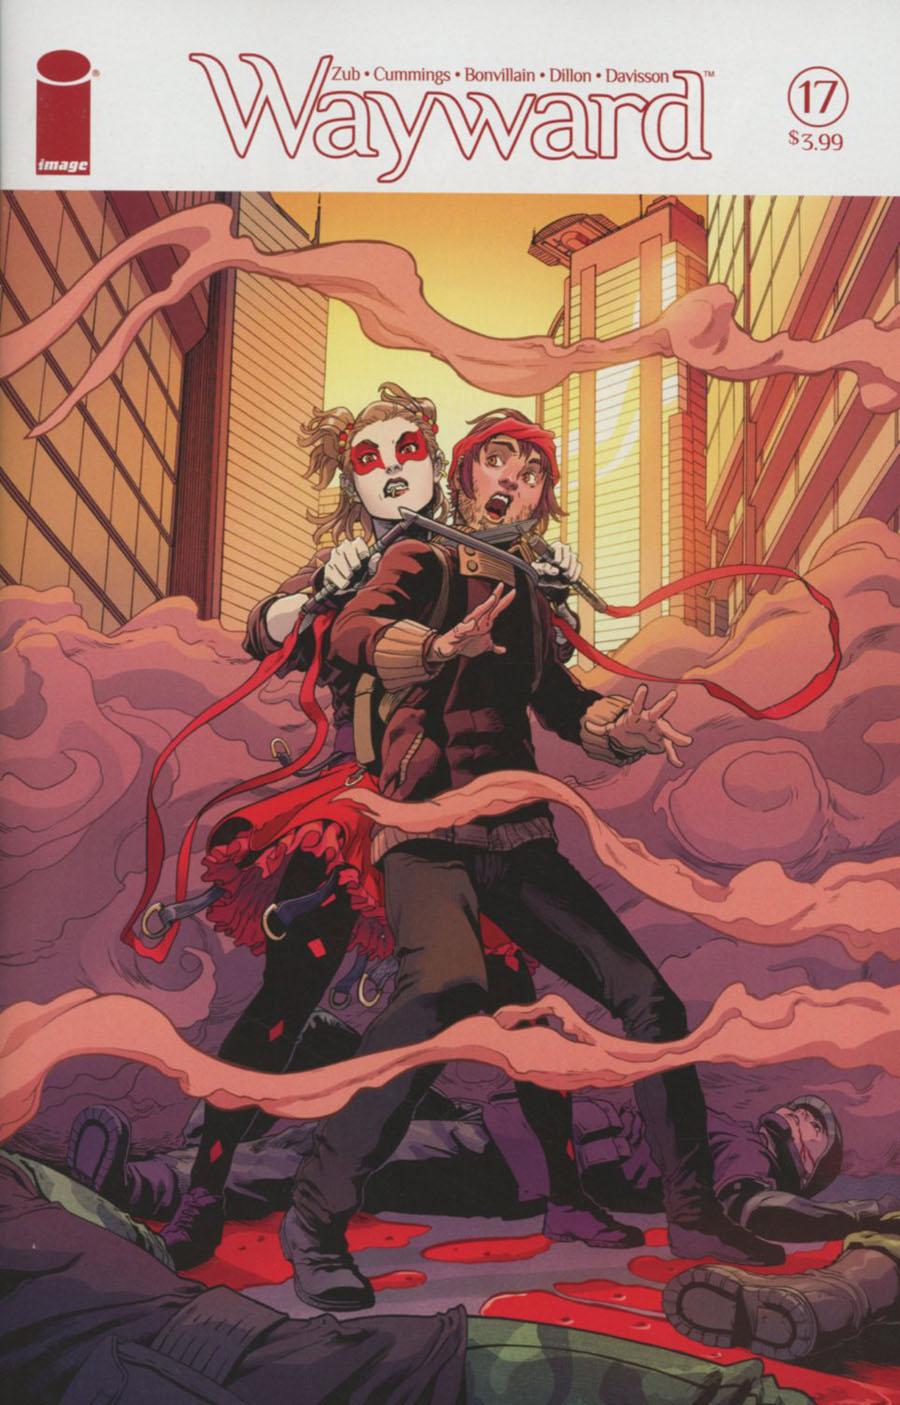 Wayward #17 Cover A Steven Cummings & Tamra Bonvillain